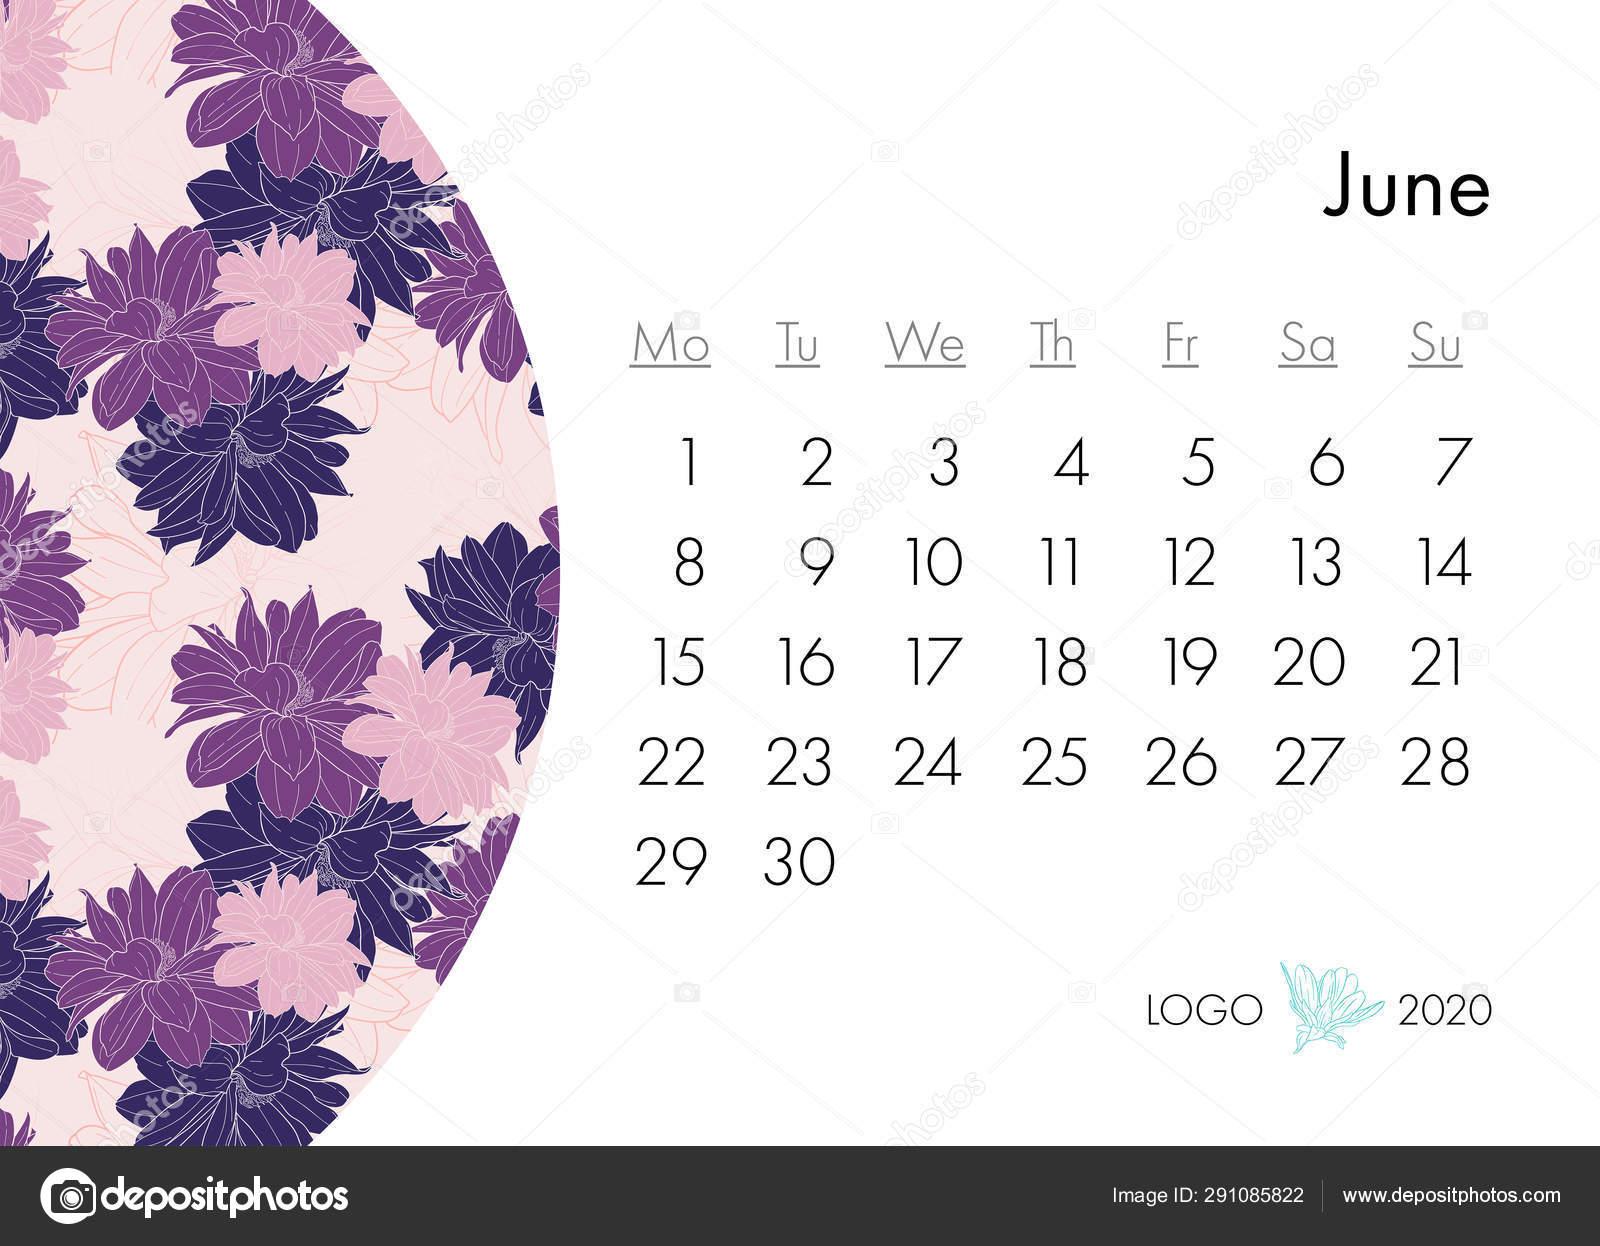 Calendario Moda 2020.Calendario Floral 2020 Con Estampado De Moda Planta En Flor